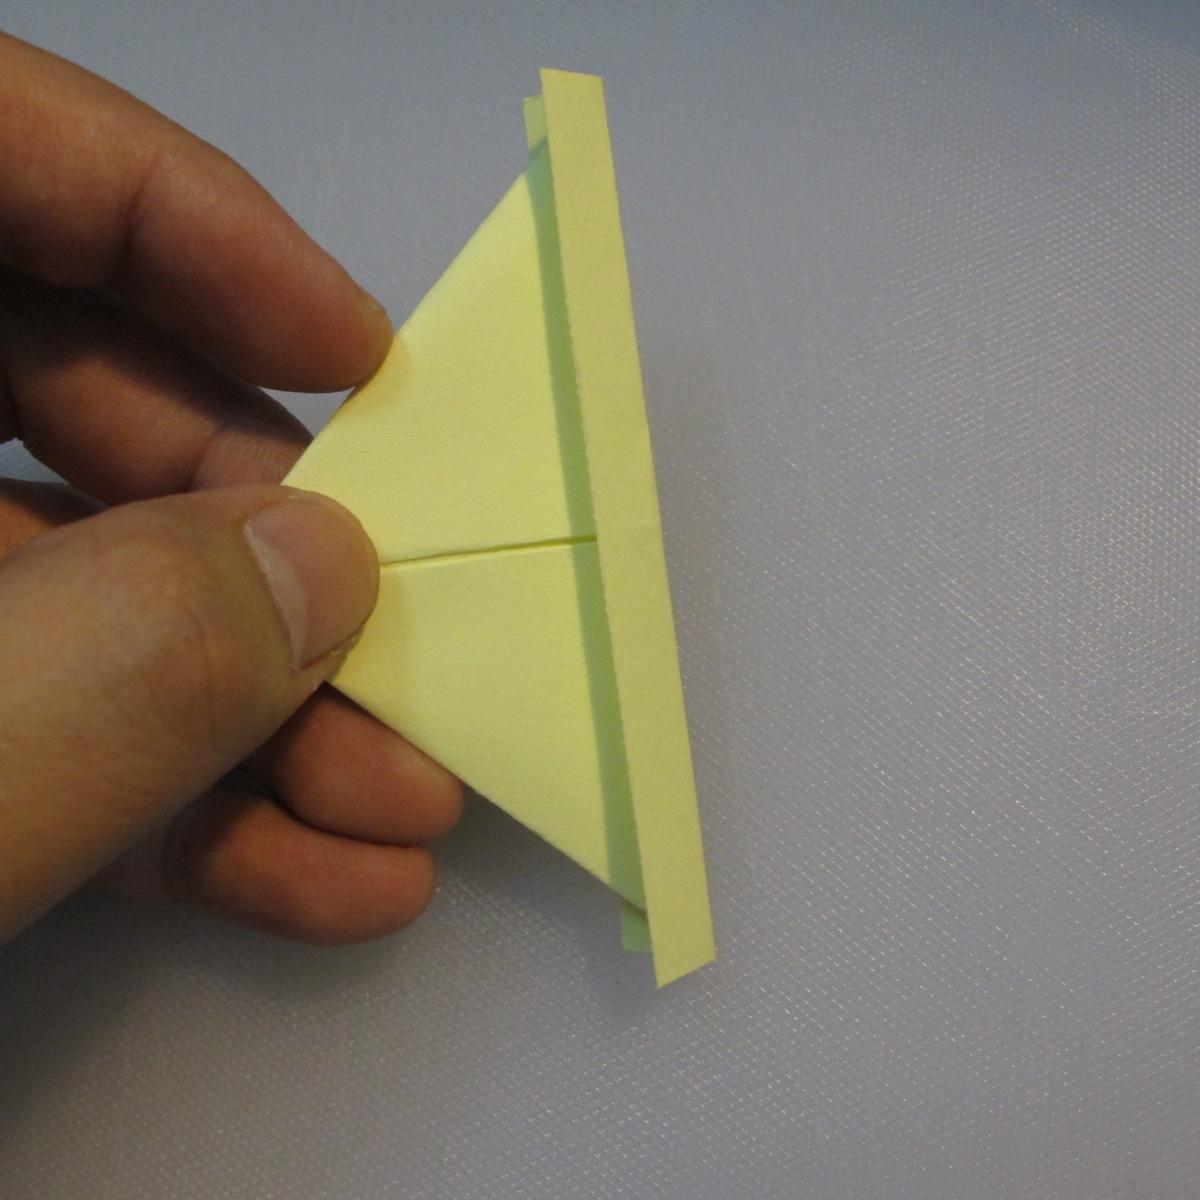 การพับกระดาษเป็นรูปเรือใบ (Origami Boat – 船の折り紙) 004